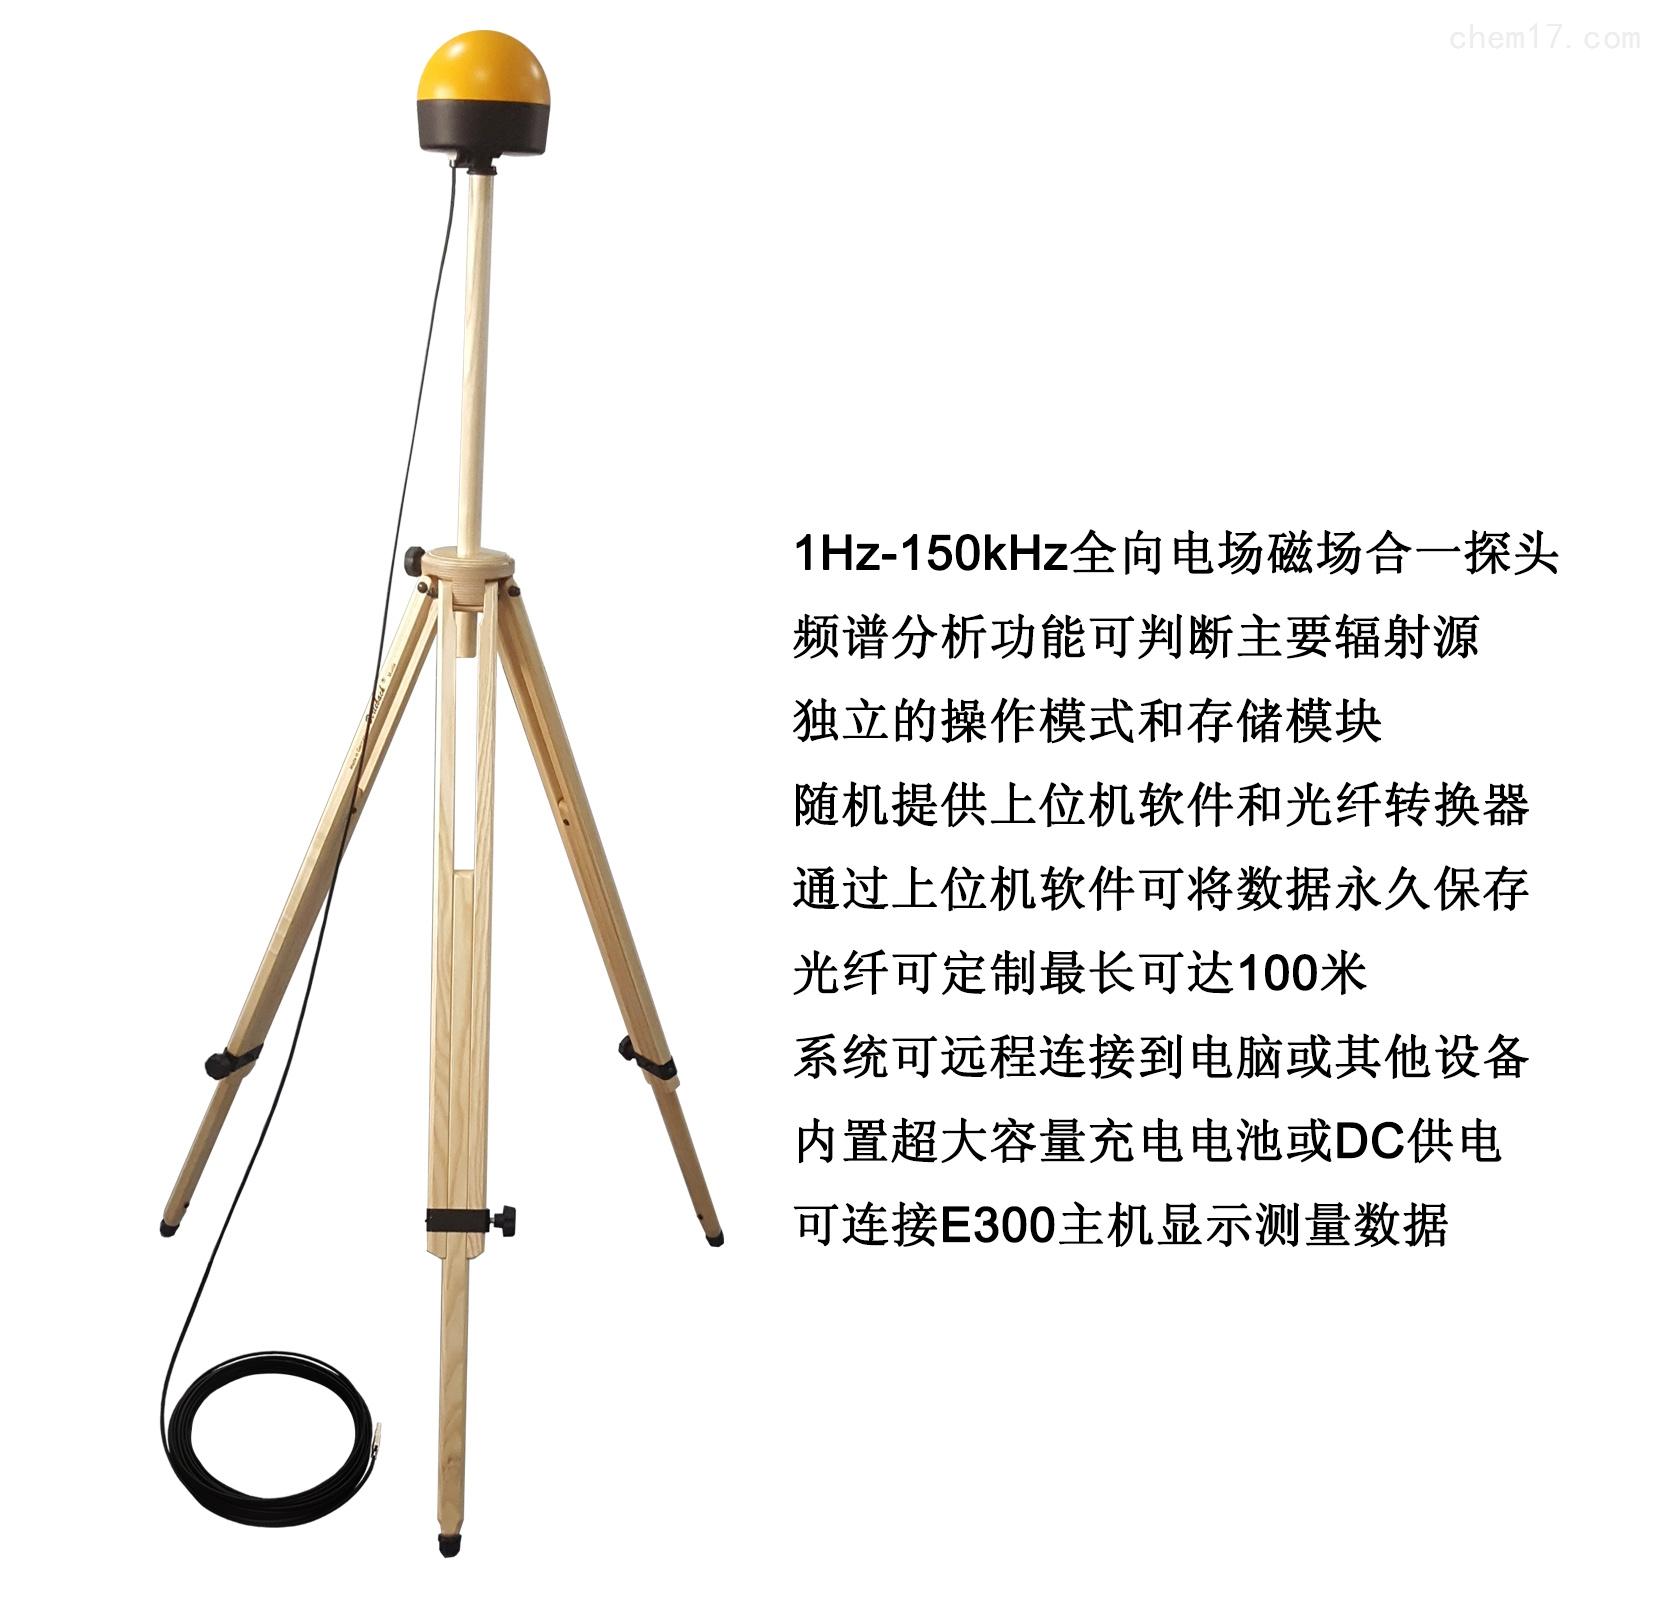 德柯雷EMS-150高频电磁辐射分析仪